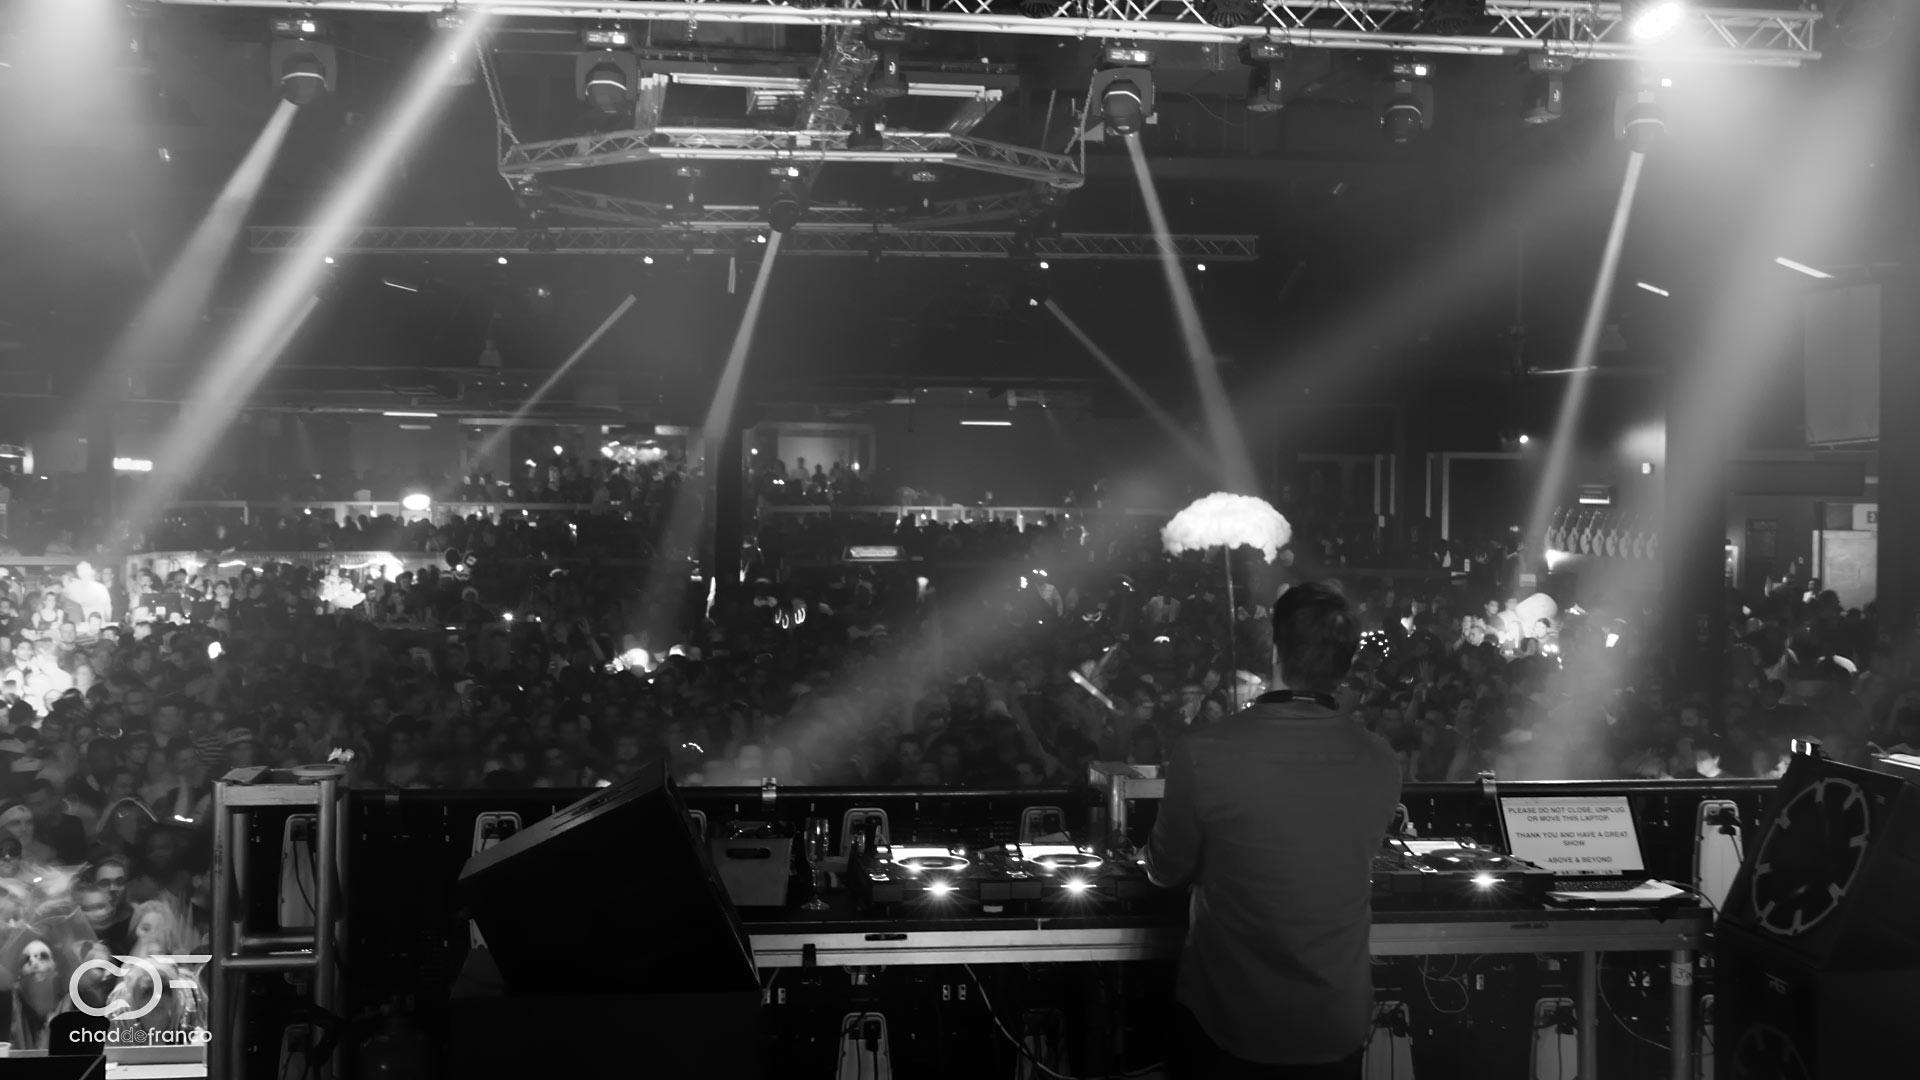 Yotto Performing at the Atlanta Coliseum